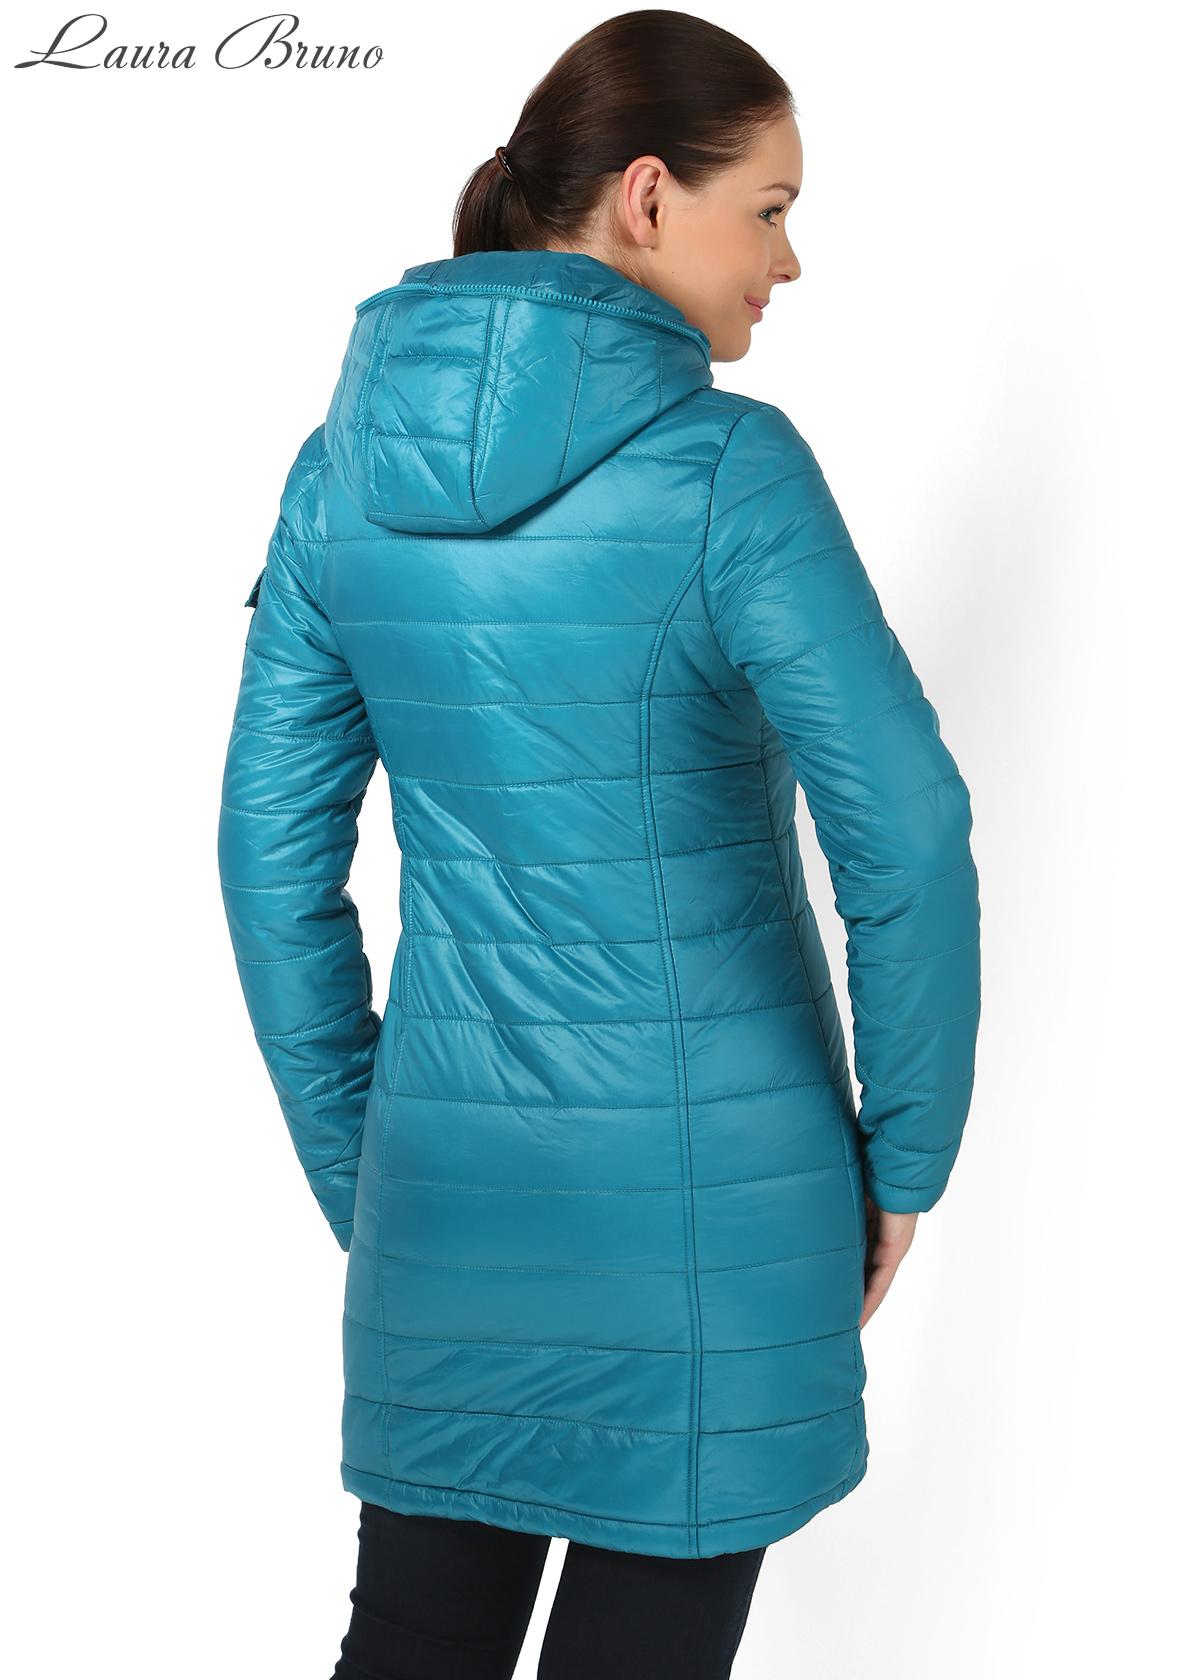 Купить Куртку В Интернет Магазине В Беларуси